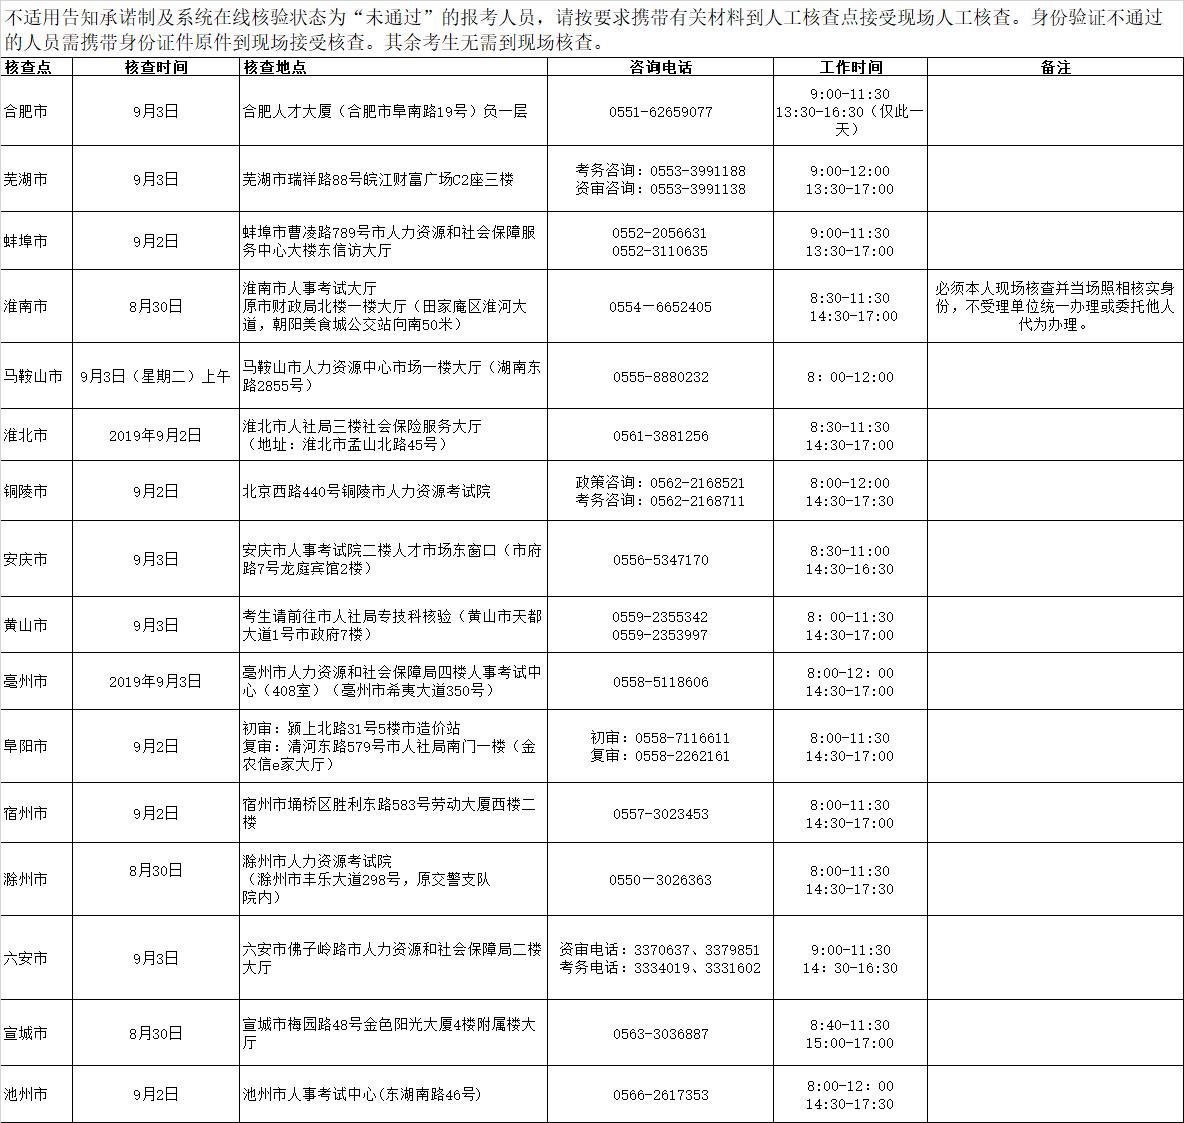 2019年安徽执业药师报名时间:8月19日开始「执业药师报名入口」